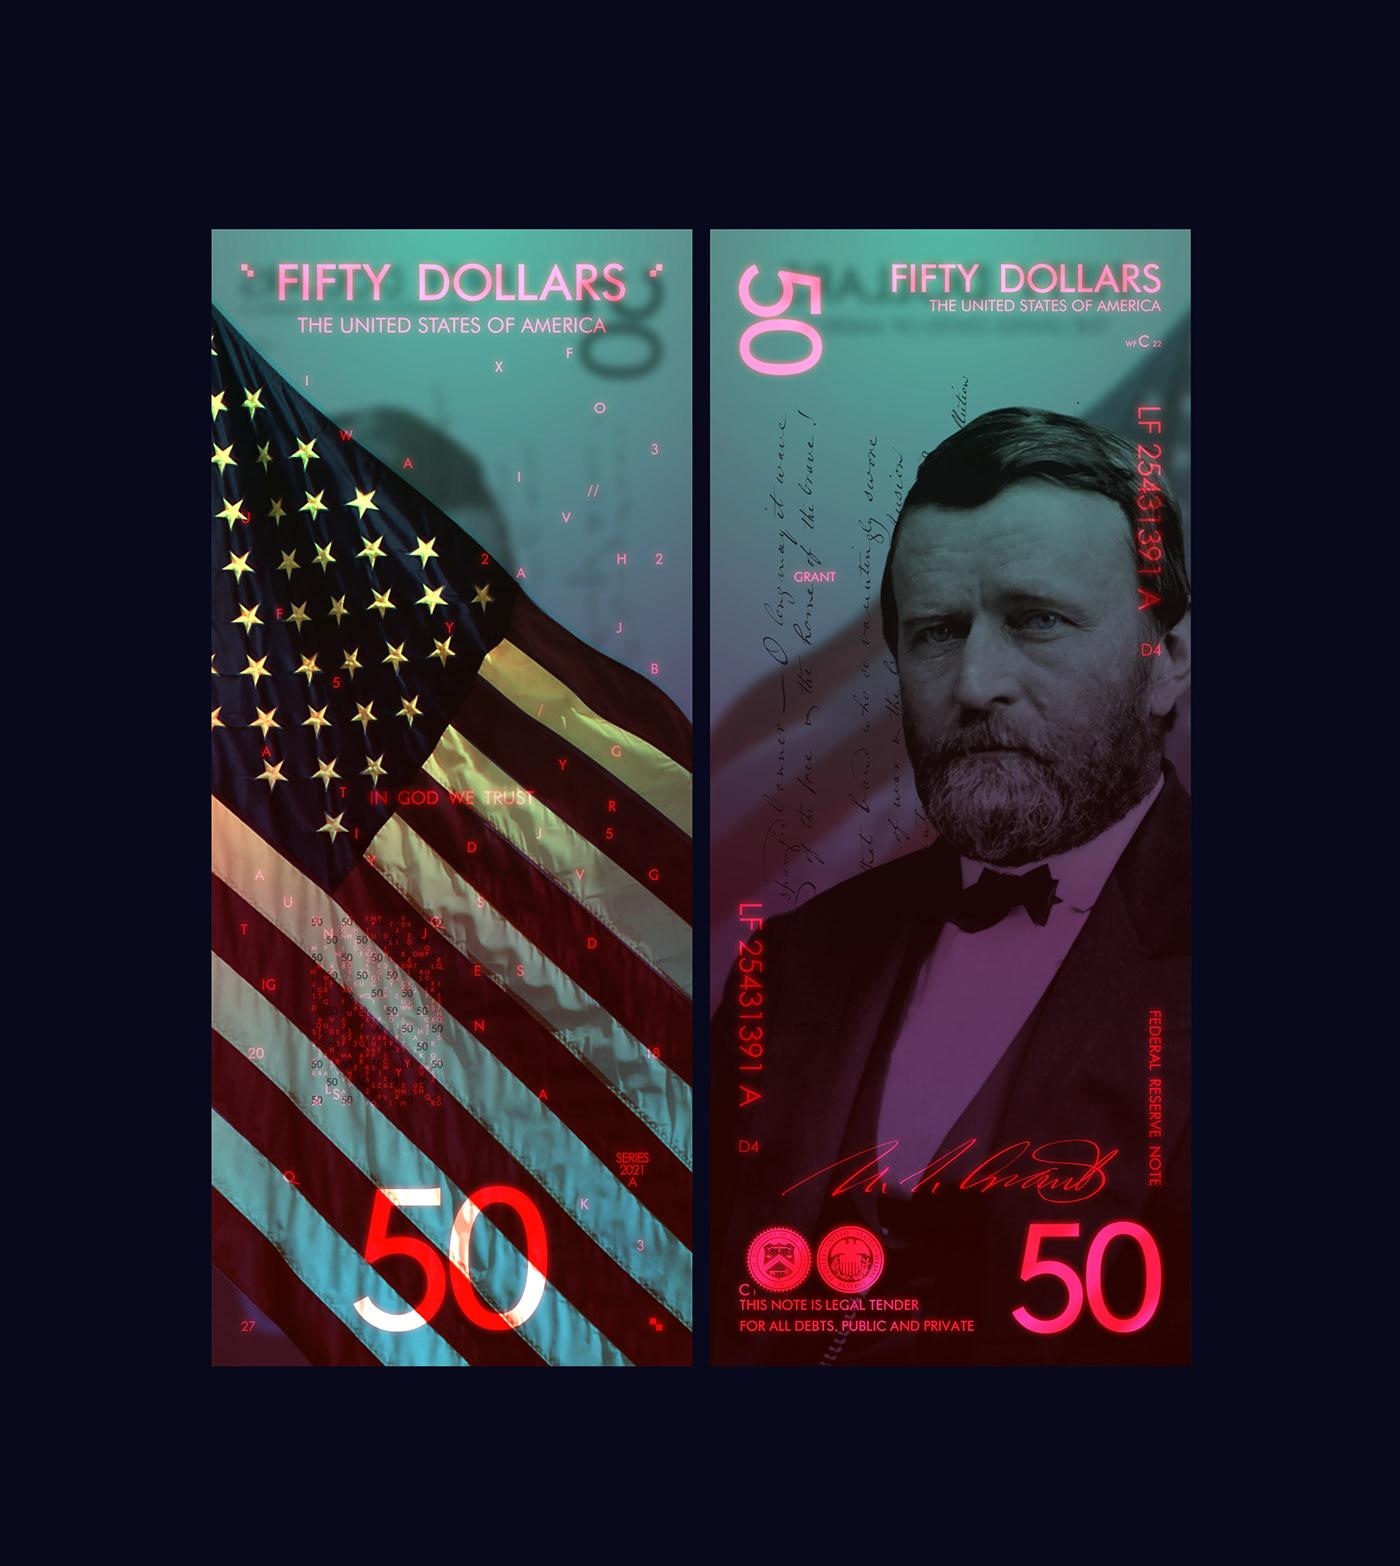 Как выглядели бы деньги США, если бы их разработал современный дизайнер? Август, каждый, видел, Андрей, Проект, получились, тухлое, удовольствия, американским, купюрам, редизайн, начиная, материала, Polymer, Конечно, деньги, великолепные, оформление, хорошего, любые